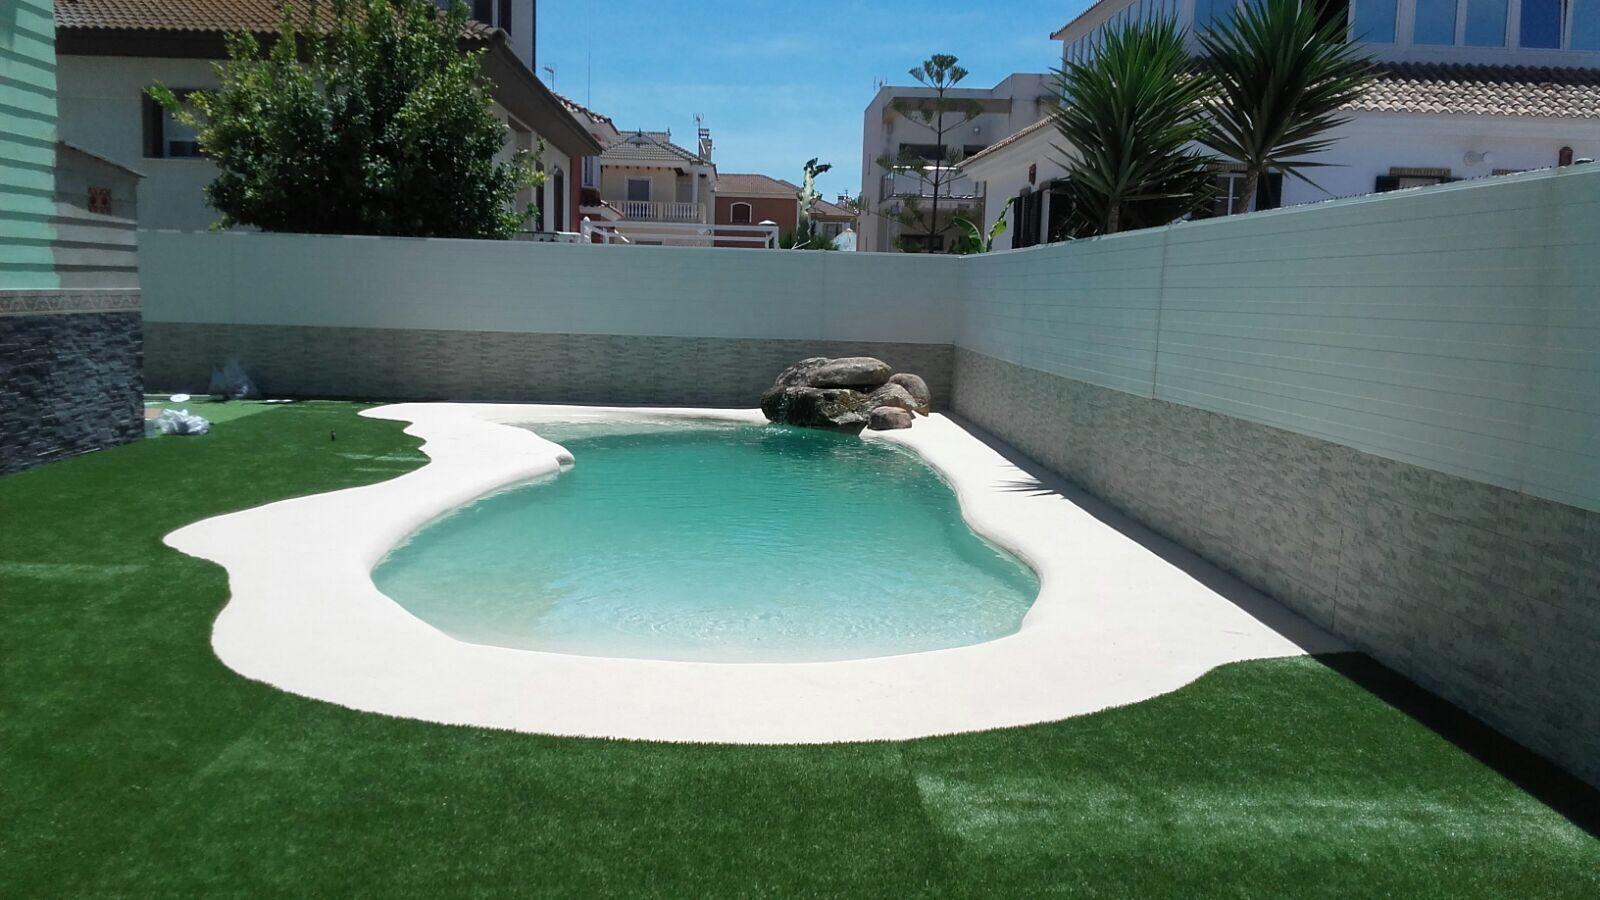 Una vivienda de Punta Umbría acoge esta elegante piscina de arena ...